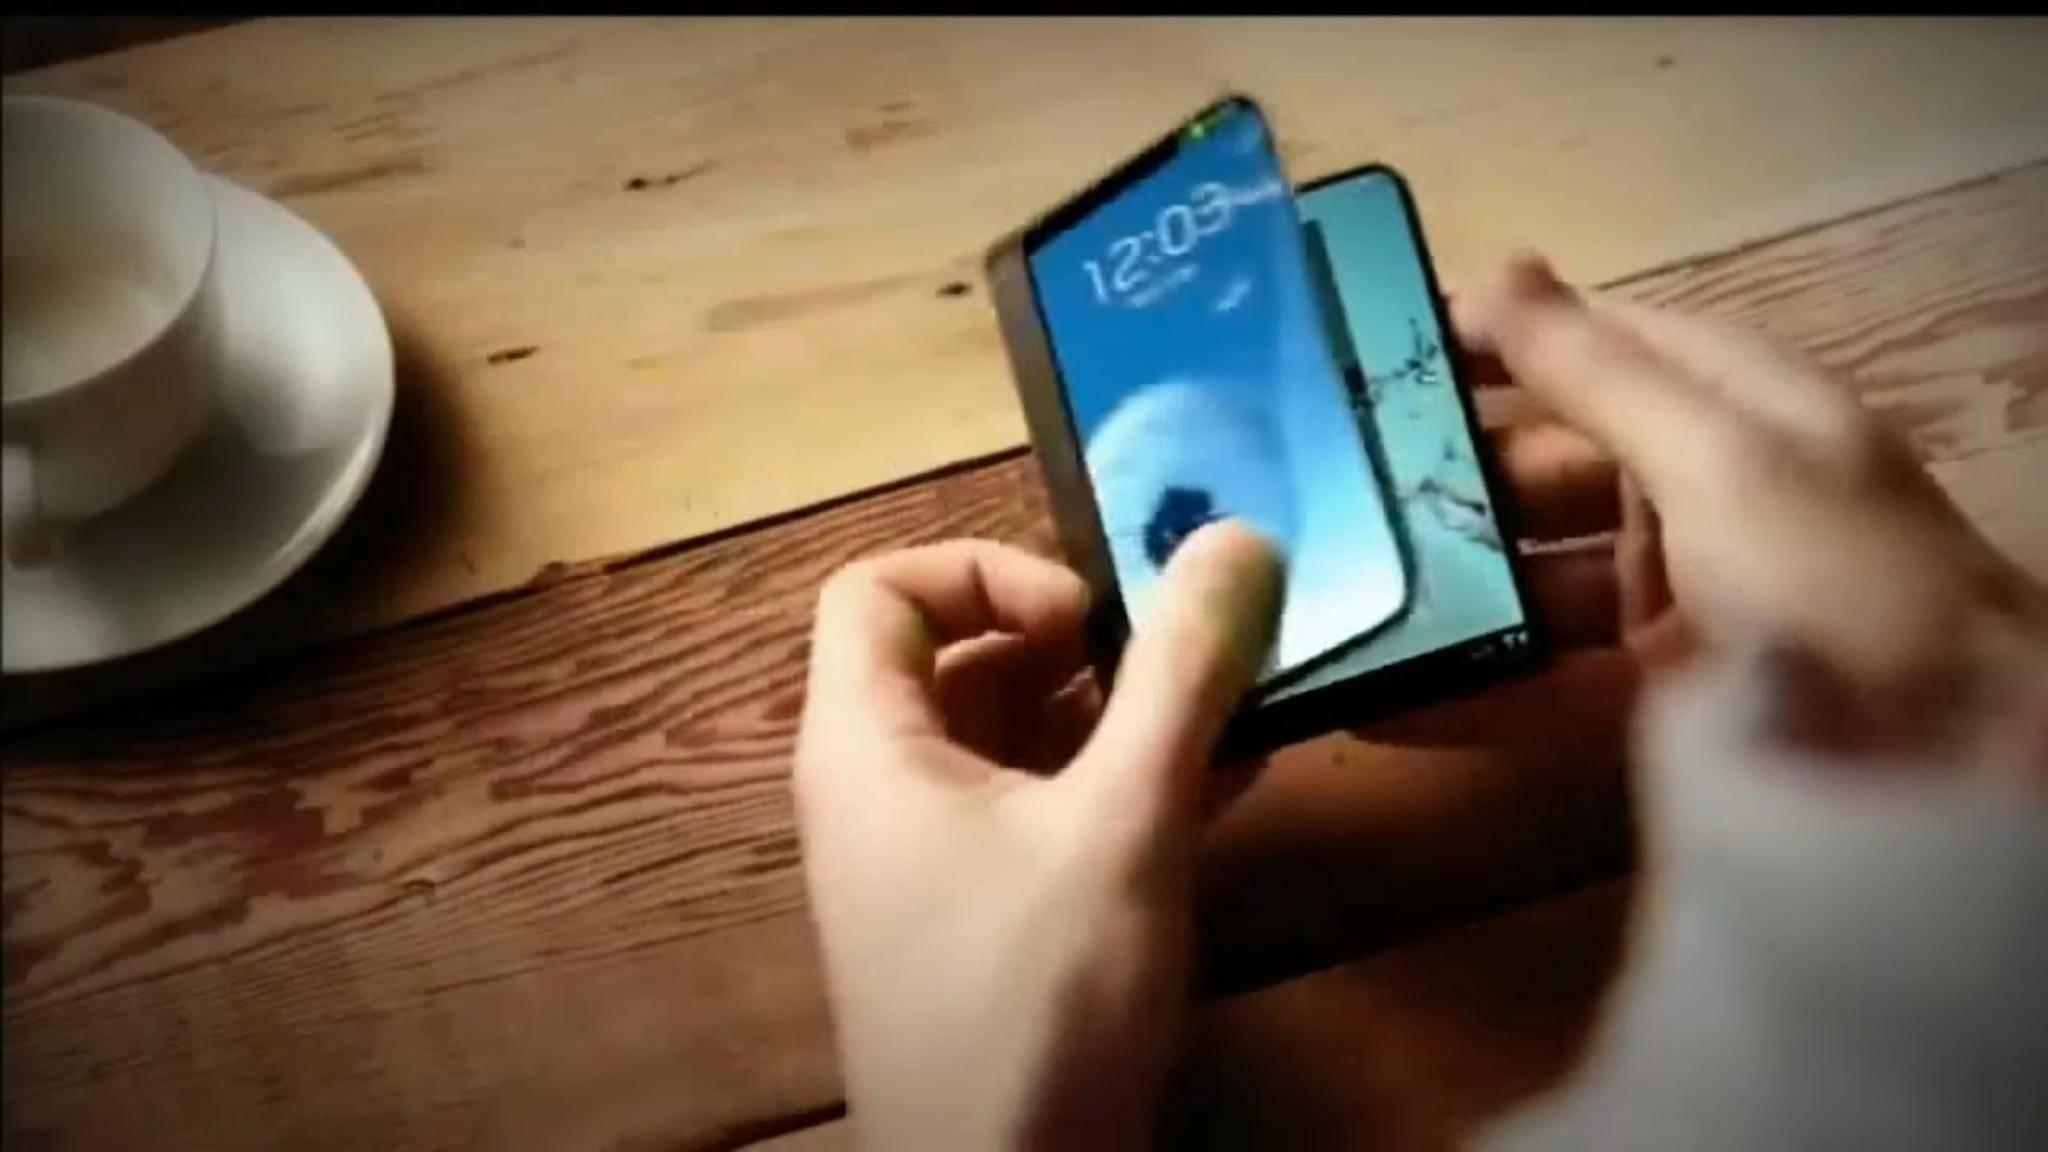 Samsungs faltbares Smartphone steht offenbar kurz vor der Enthüllung.